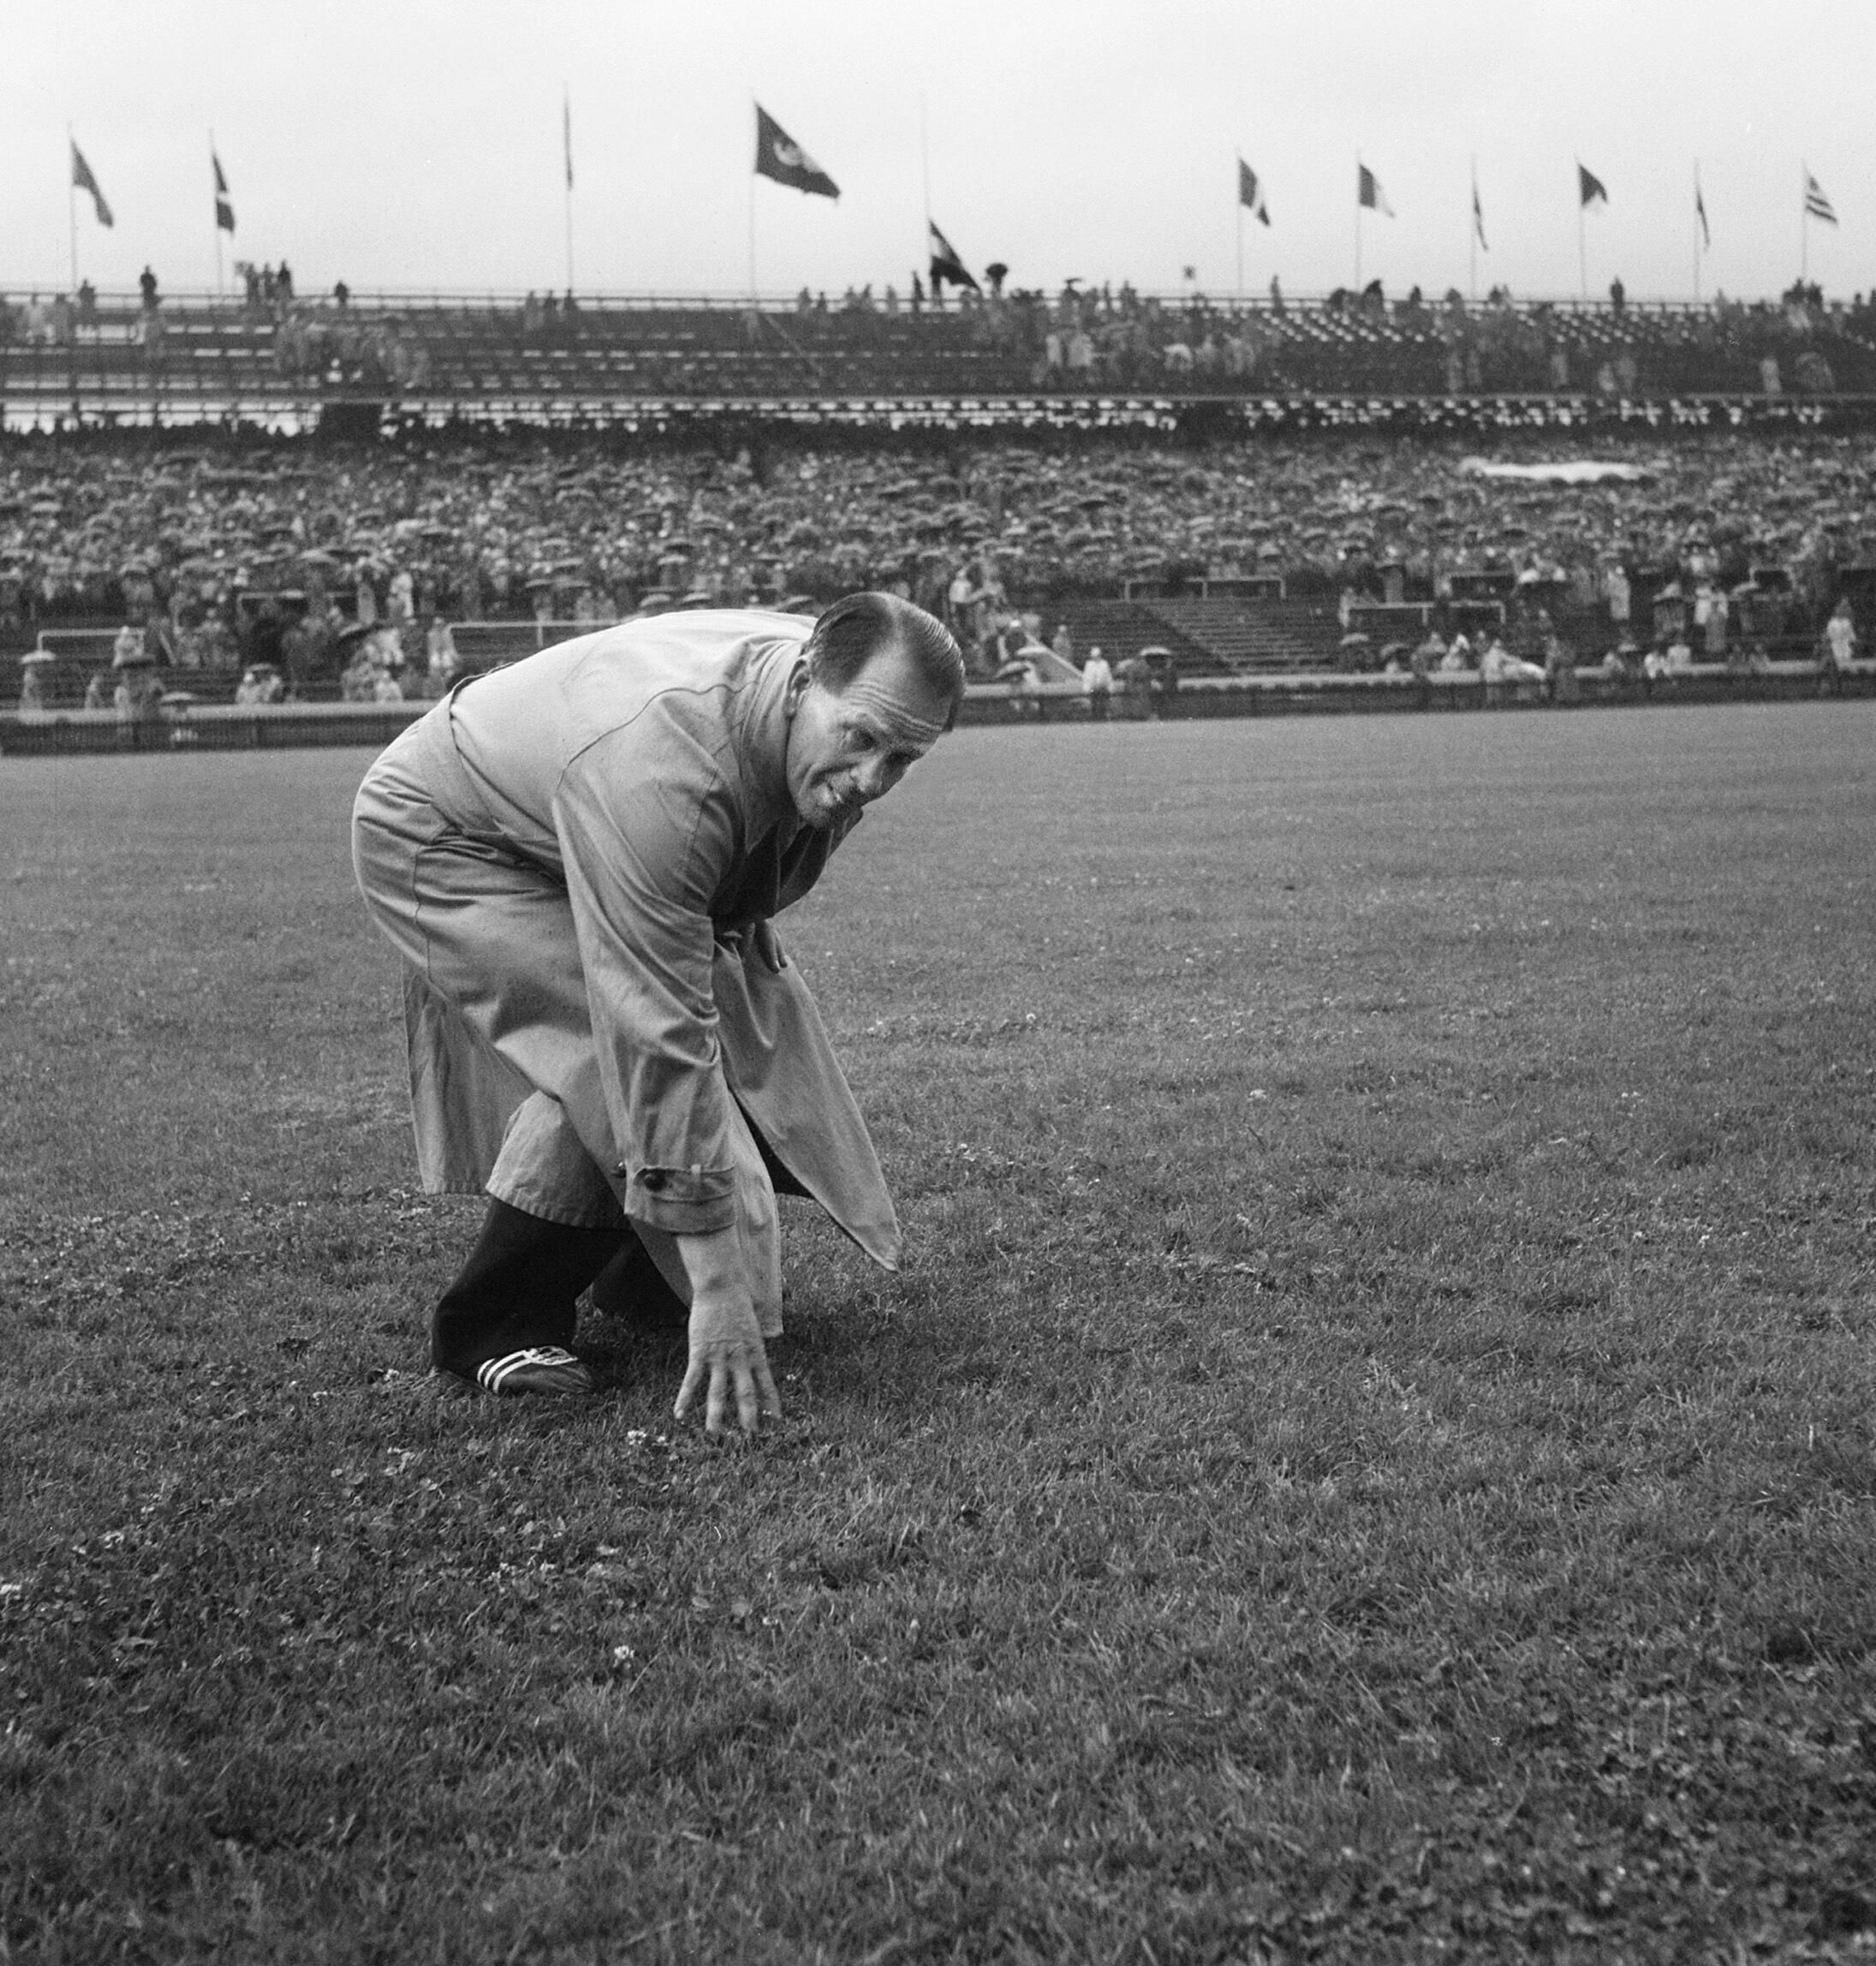 Bild zu WM 1954, Bern, Wankdorfstadion, Sepp Herberger, Bundestrainer, Rasen, Finale, Wetter, Deutschland